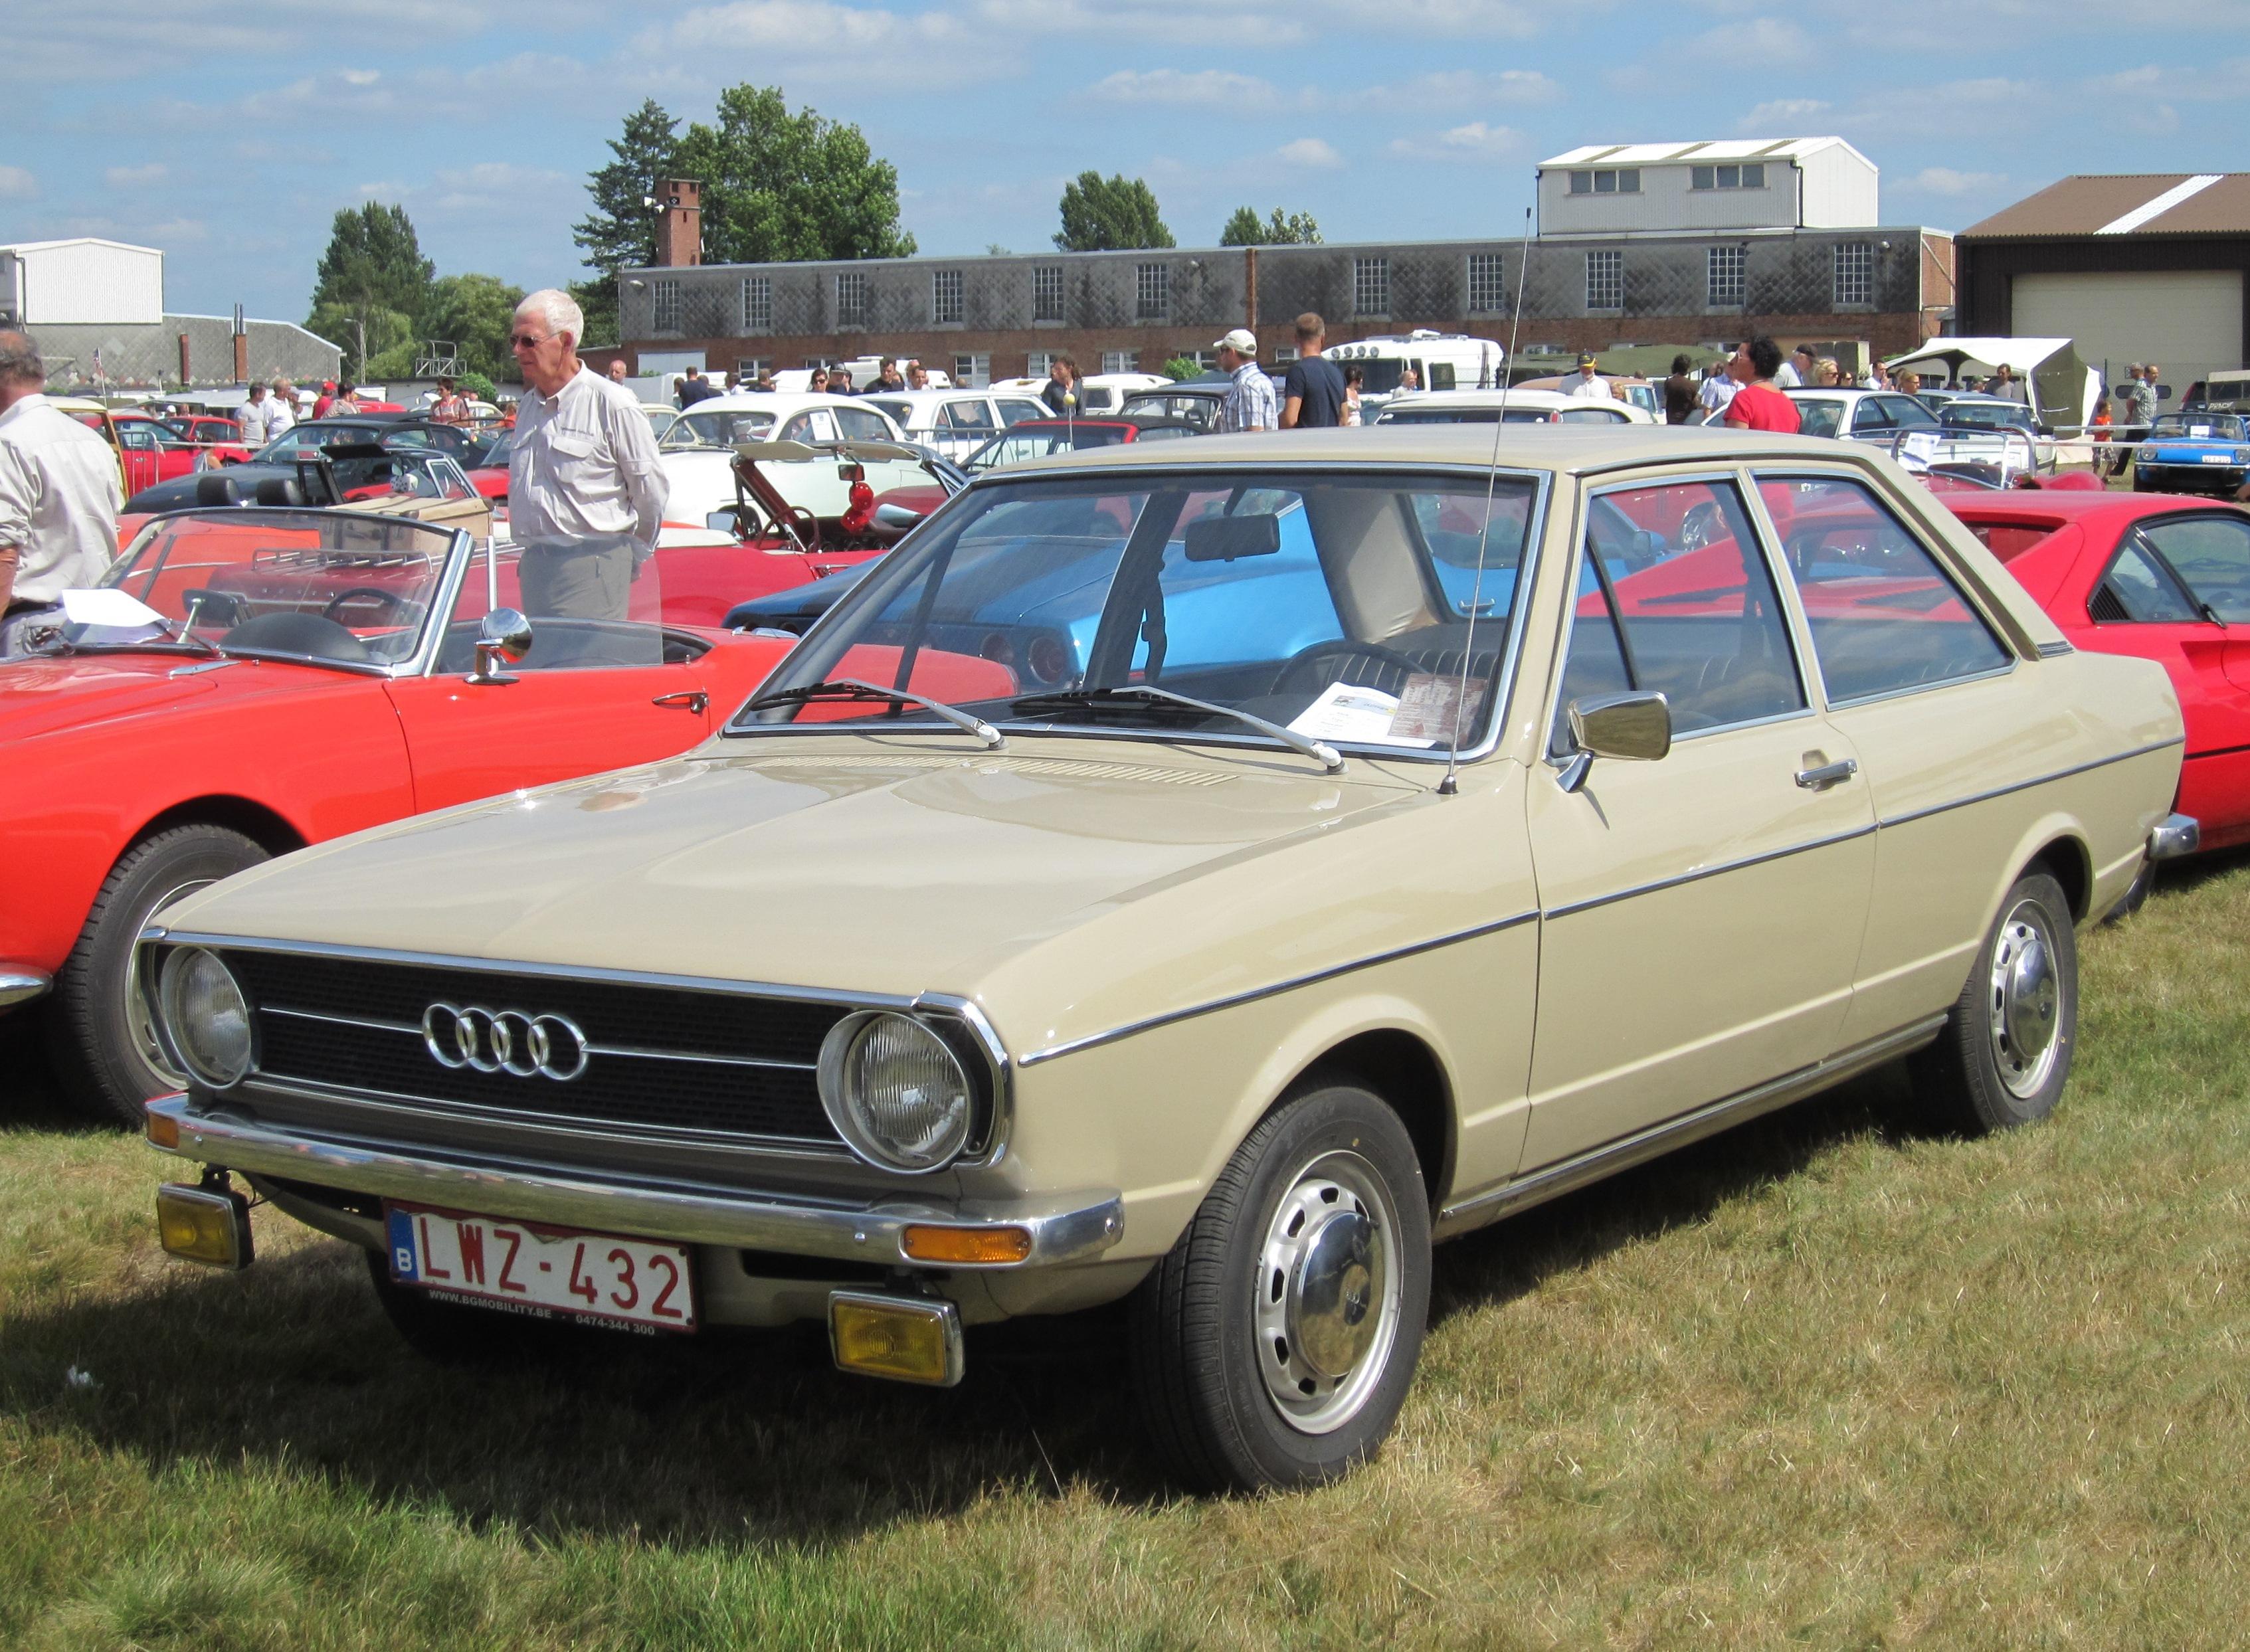 Kelebihan Kekurangan Audi B1 Spesifikasi